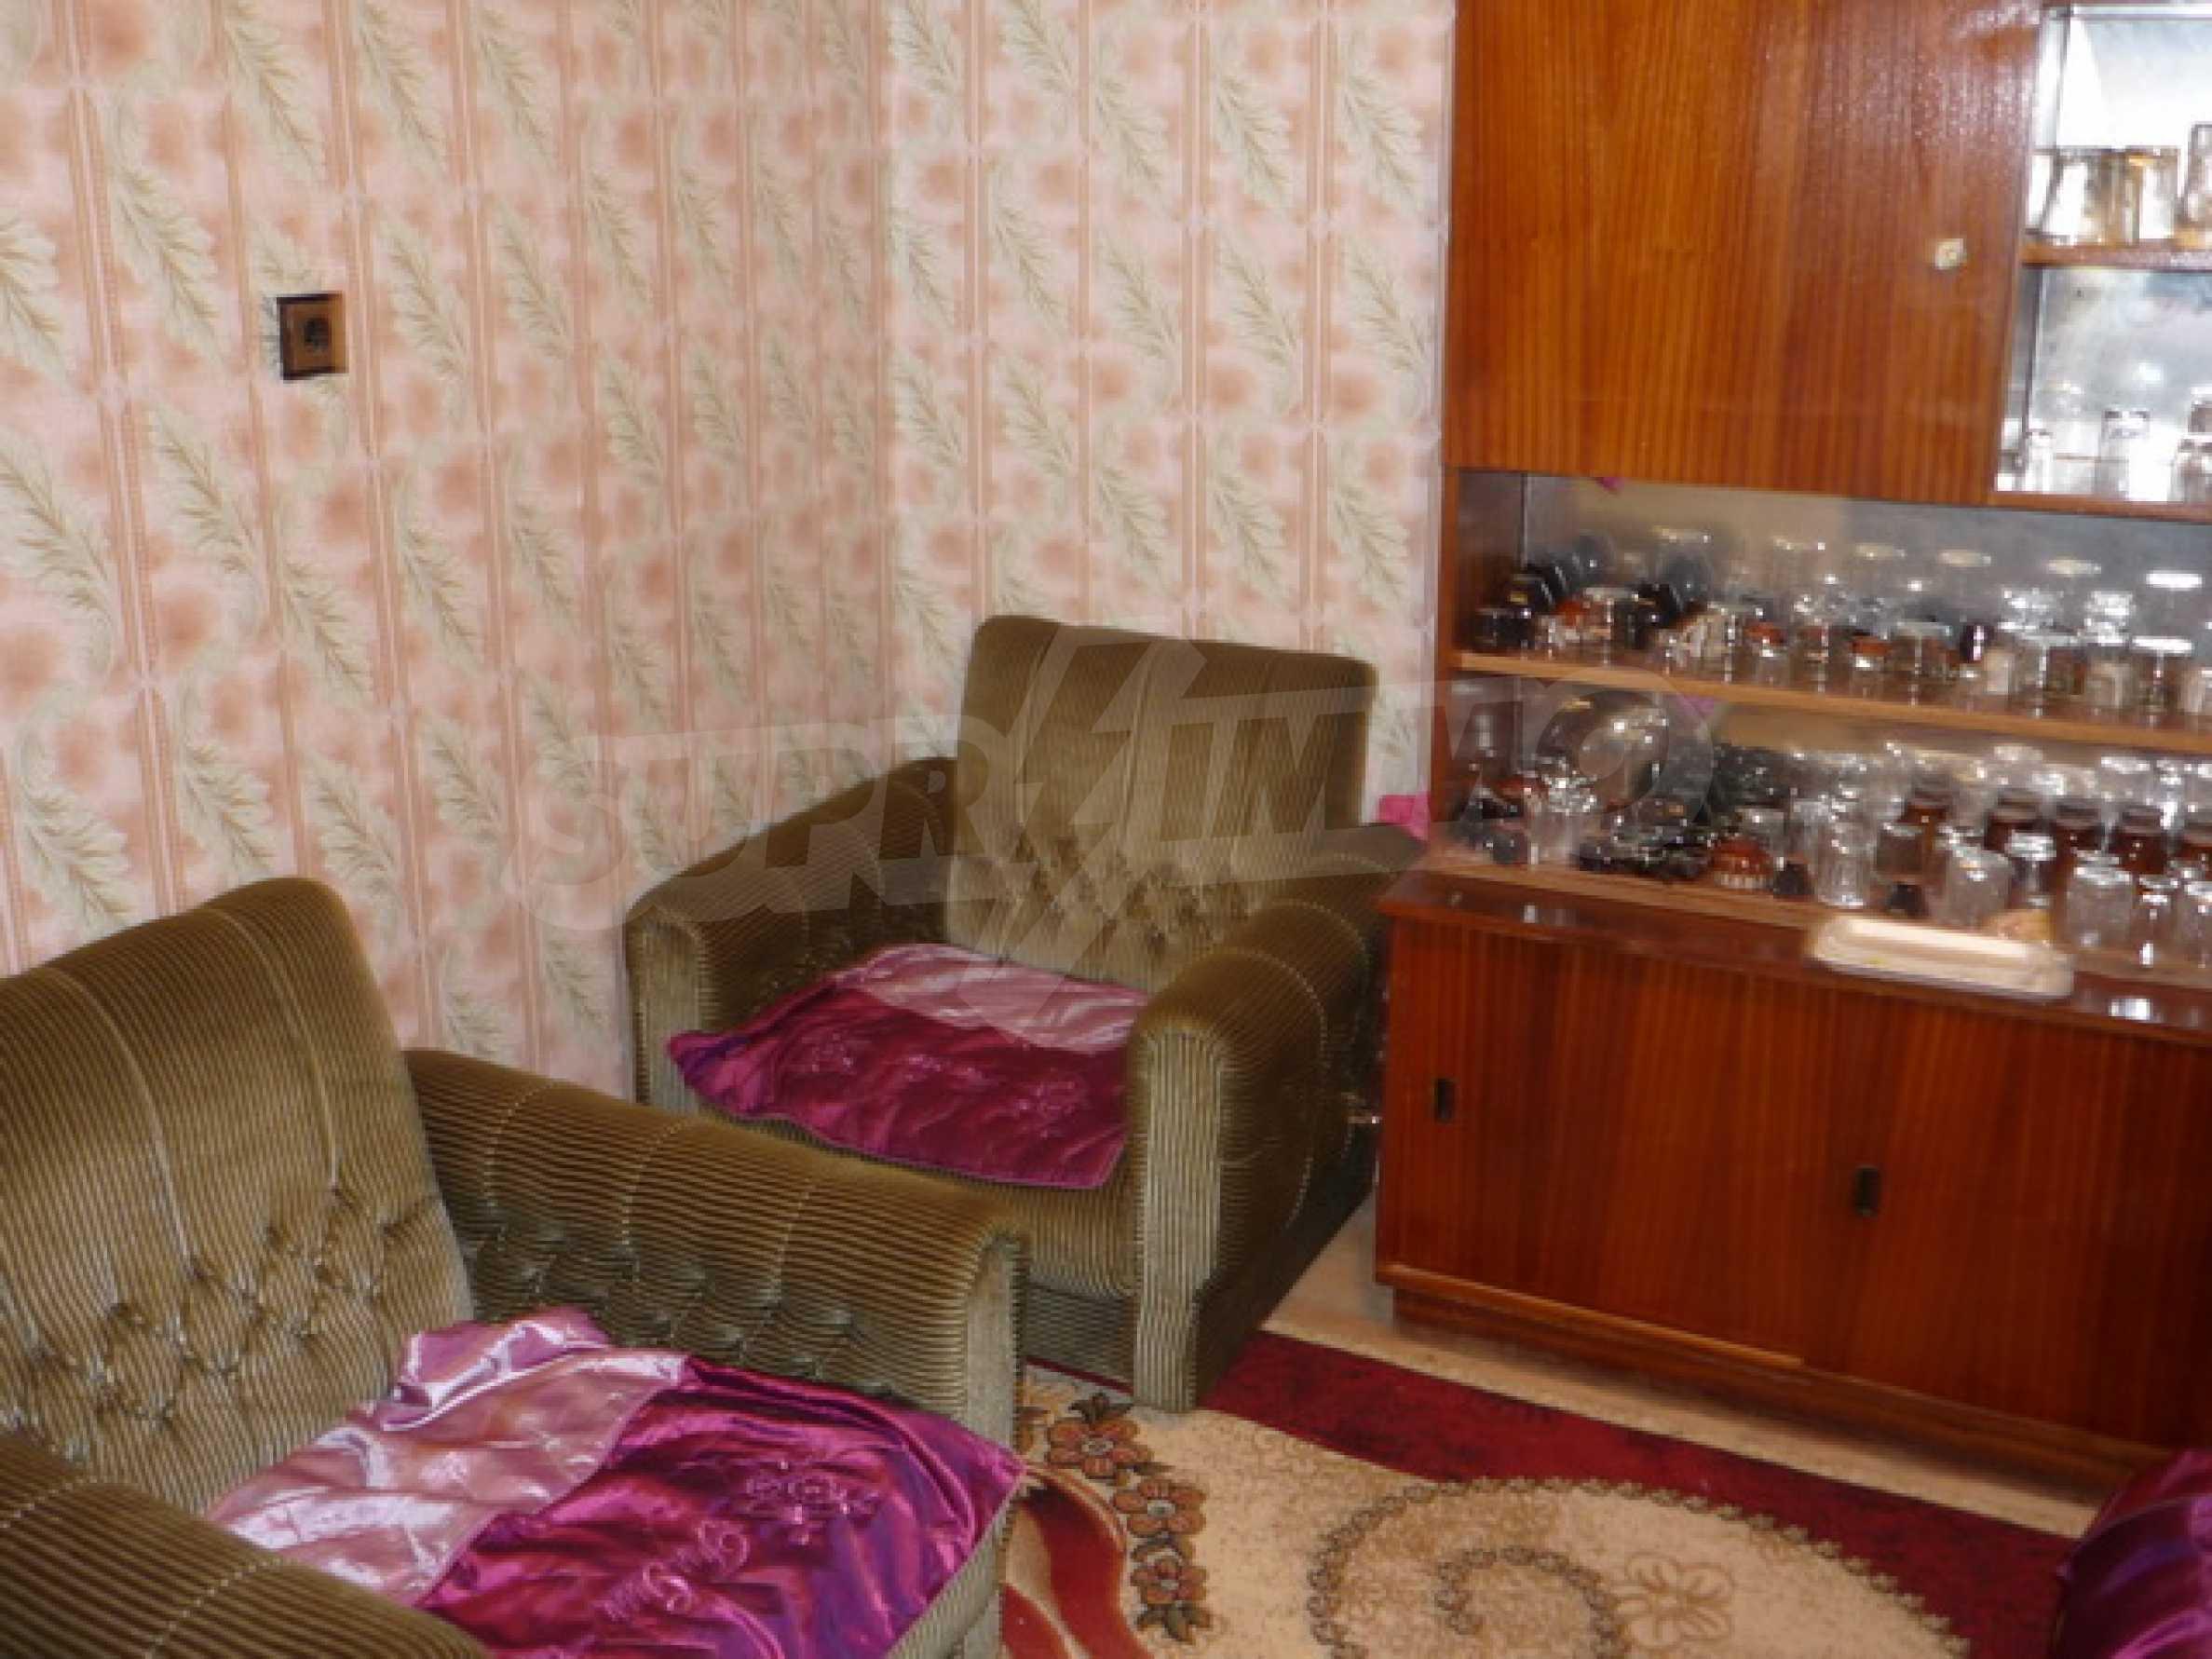 Продава се къща на два етажа в село на 40 километра от Велико Търново 10